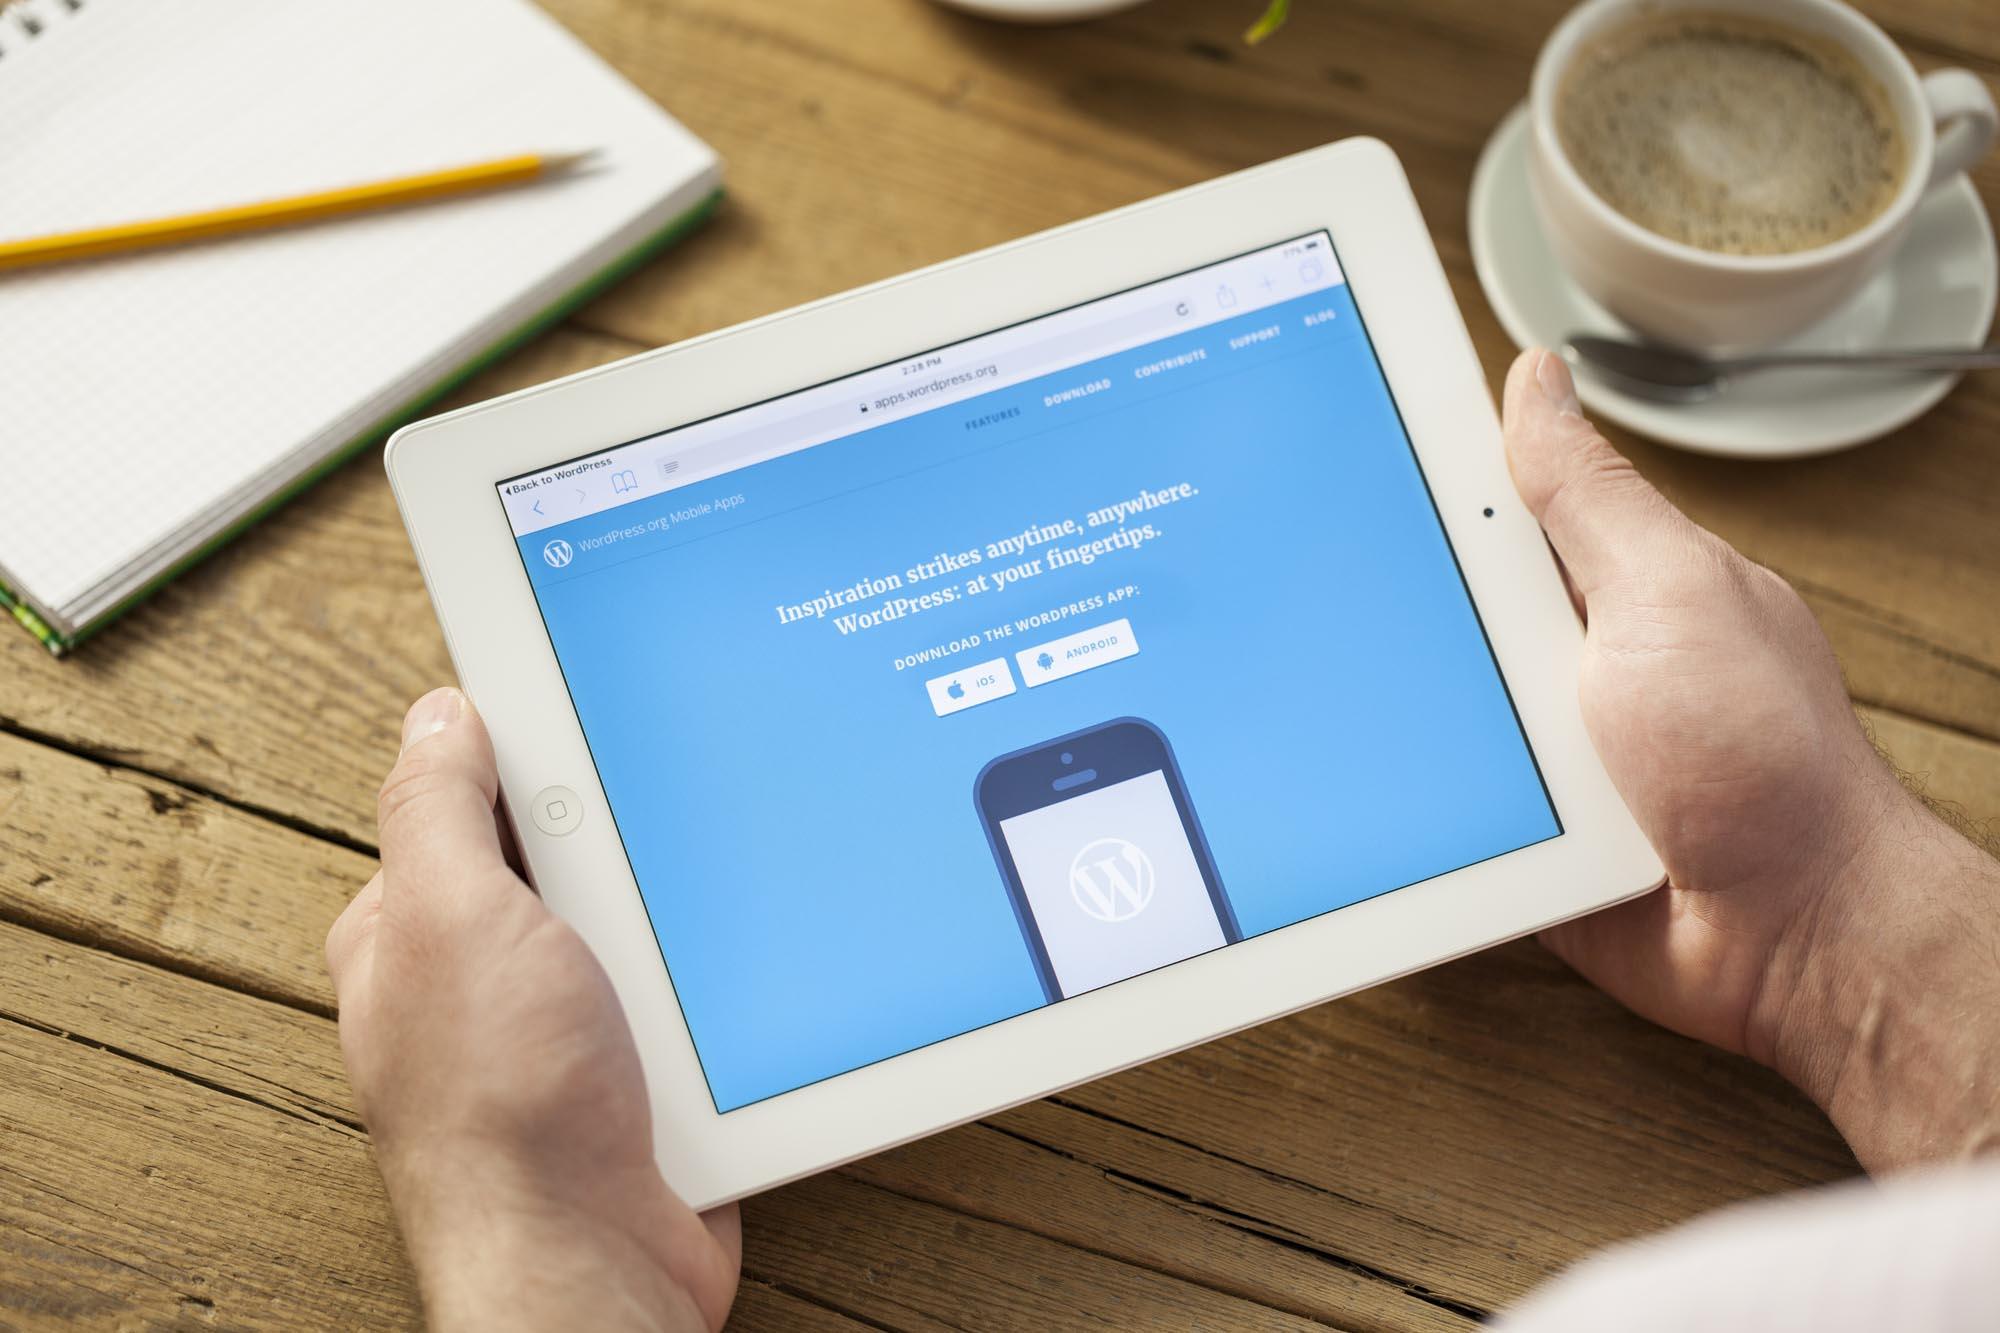 сайт wordpress на планшете